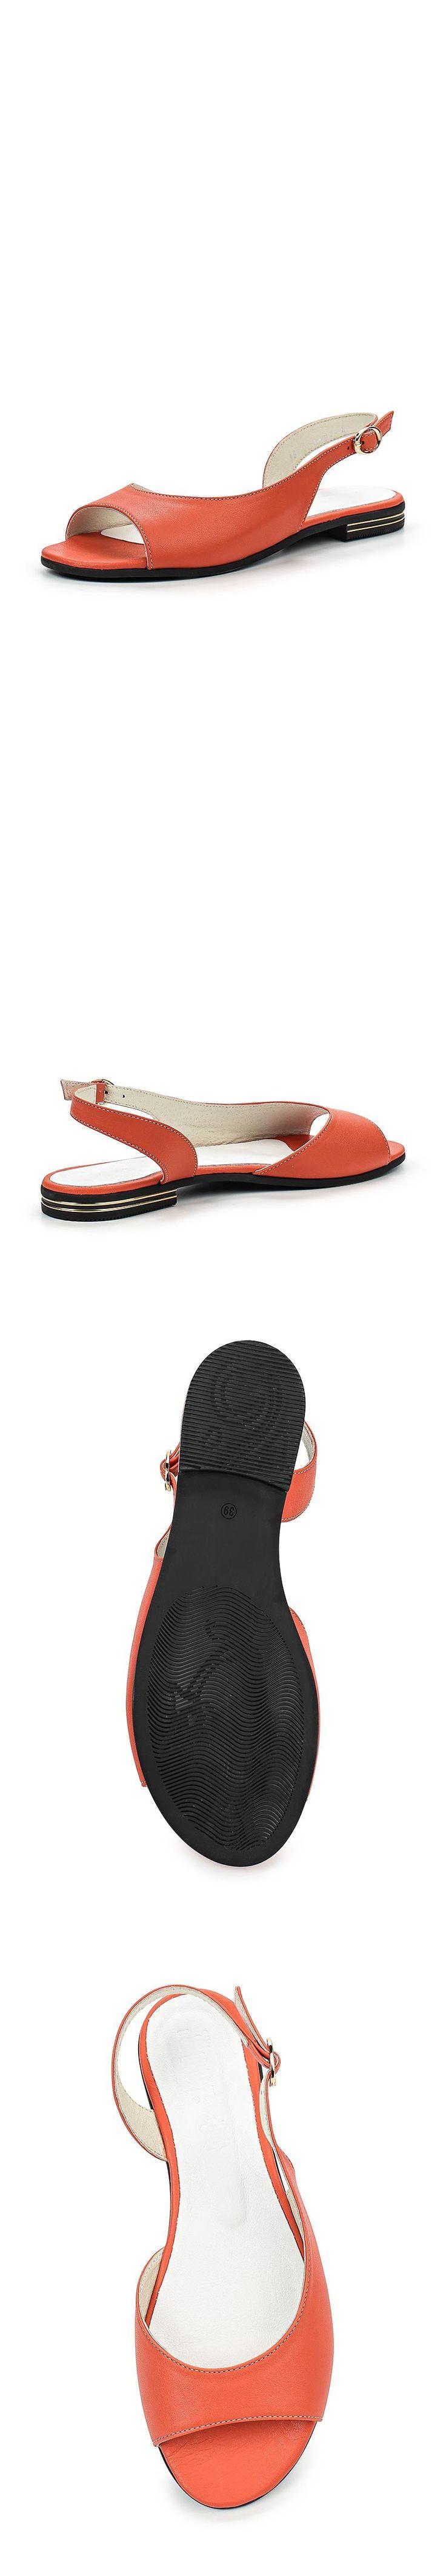 Женская обувь сандалии Spur за 4399.00 руб.